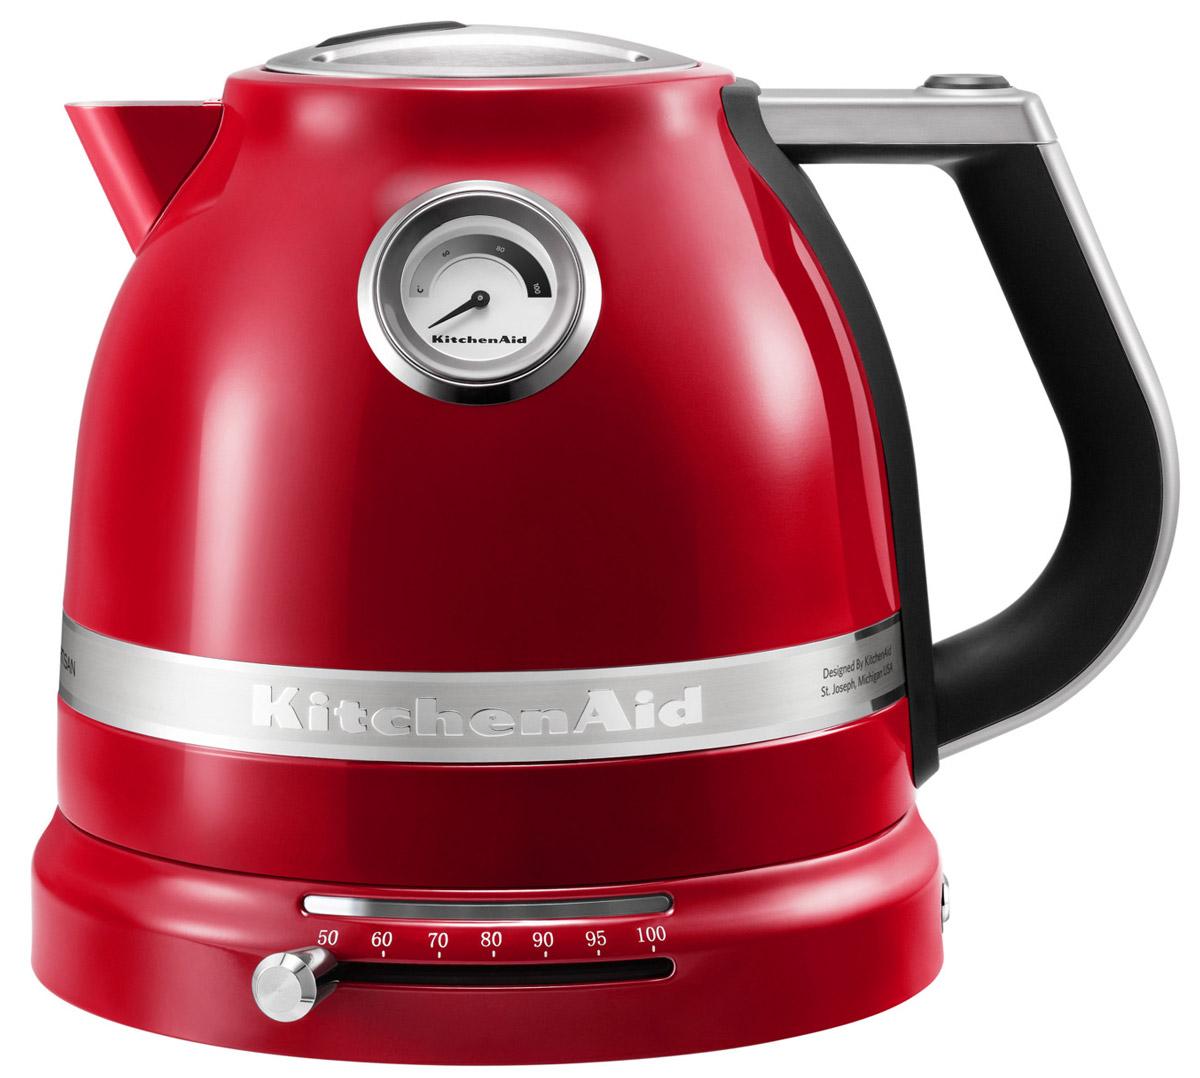 KitchenAid Artisan (5KEK1522EER), Red электрочайник5KEK1522EER RedЭлектрический чайник KitchenAid ARTISAN объемом 1,5 литра - это новое слово в бытовой технике. Великолепные формы, эргономичность и элегантность - лучший образец, который обязательно должен быть на любой кухне. Выпить чашку чая с KitchenAid ARTISAN - это доставить себе истинное наслаждение и удовольствие. Ценители чайного напитка прекрасно знают, что каждый вид чая требует своей температуры воды. Но добиться нужного нагрева с обычной моделью было невероятно сложно. Теперь все изменилось: с двустенным электрическим чайником KitchenAid ARTISAN объемом 1,5 литра вы можете: выбирать нужную температуру нагрева от 50 до 100 градусов; поддерживать воду горячей в течение всей чайной церемонии; видеть температуру воды даже тогда, когда чайник не стоит на своей платформе; не ждать любимого напитка дольше положенного - этот прибор нагревает воду моментально.